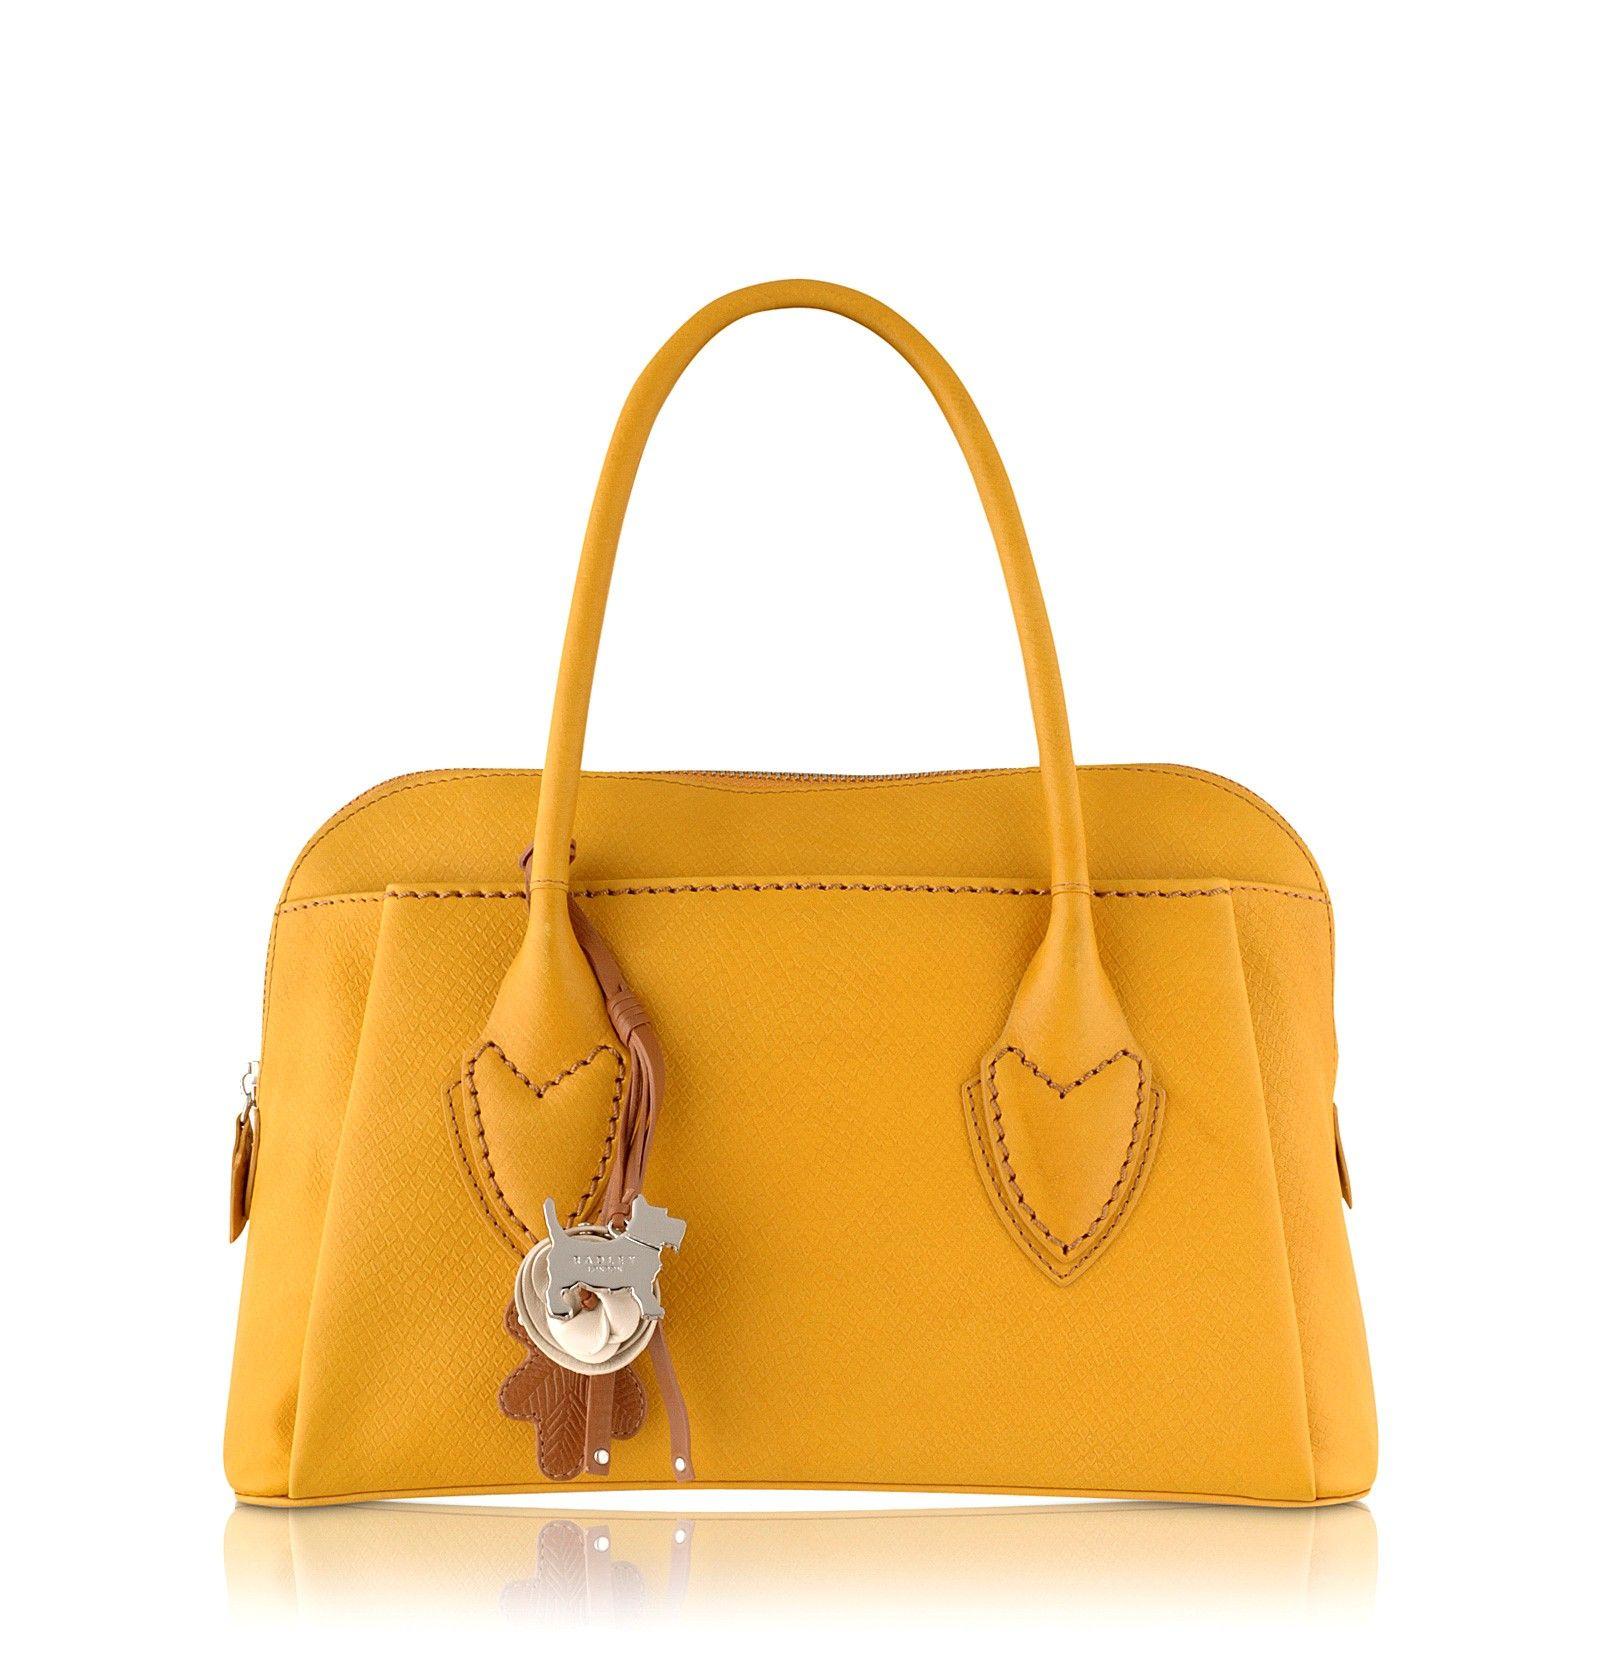 Radley London Aldgate Snakeskin Emboss Grab Handbags Radley Handbags Bags Leather